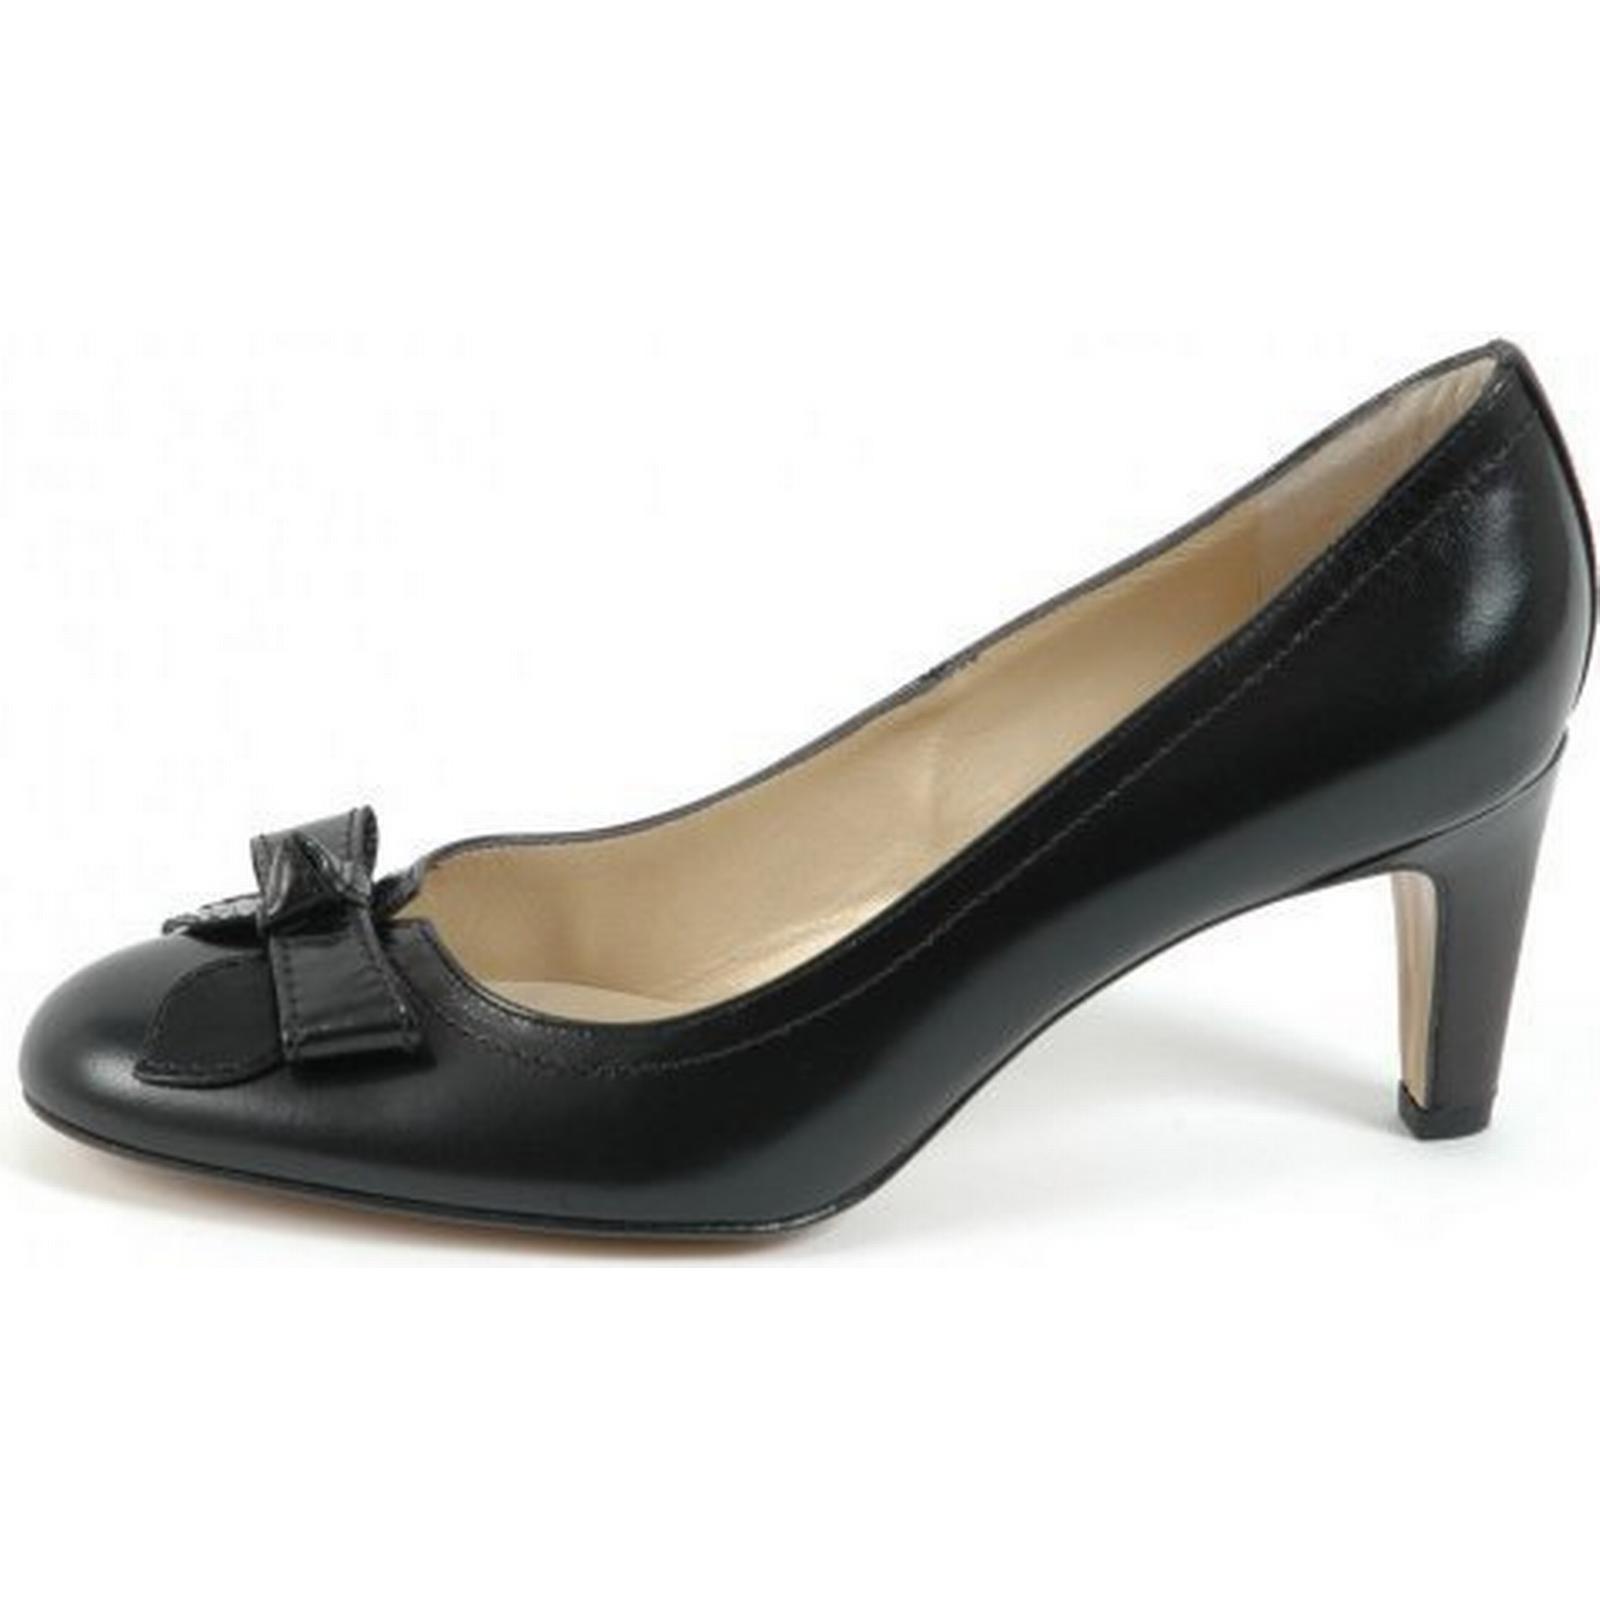 peter cour kaiser brooke  s cour peter de chaussures en cuir noir taille: 5,5, col 40d112